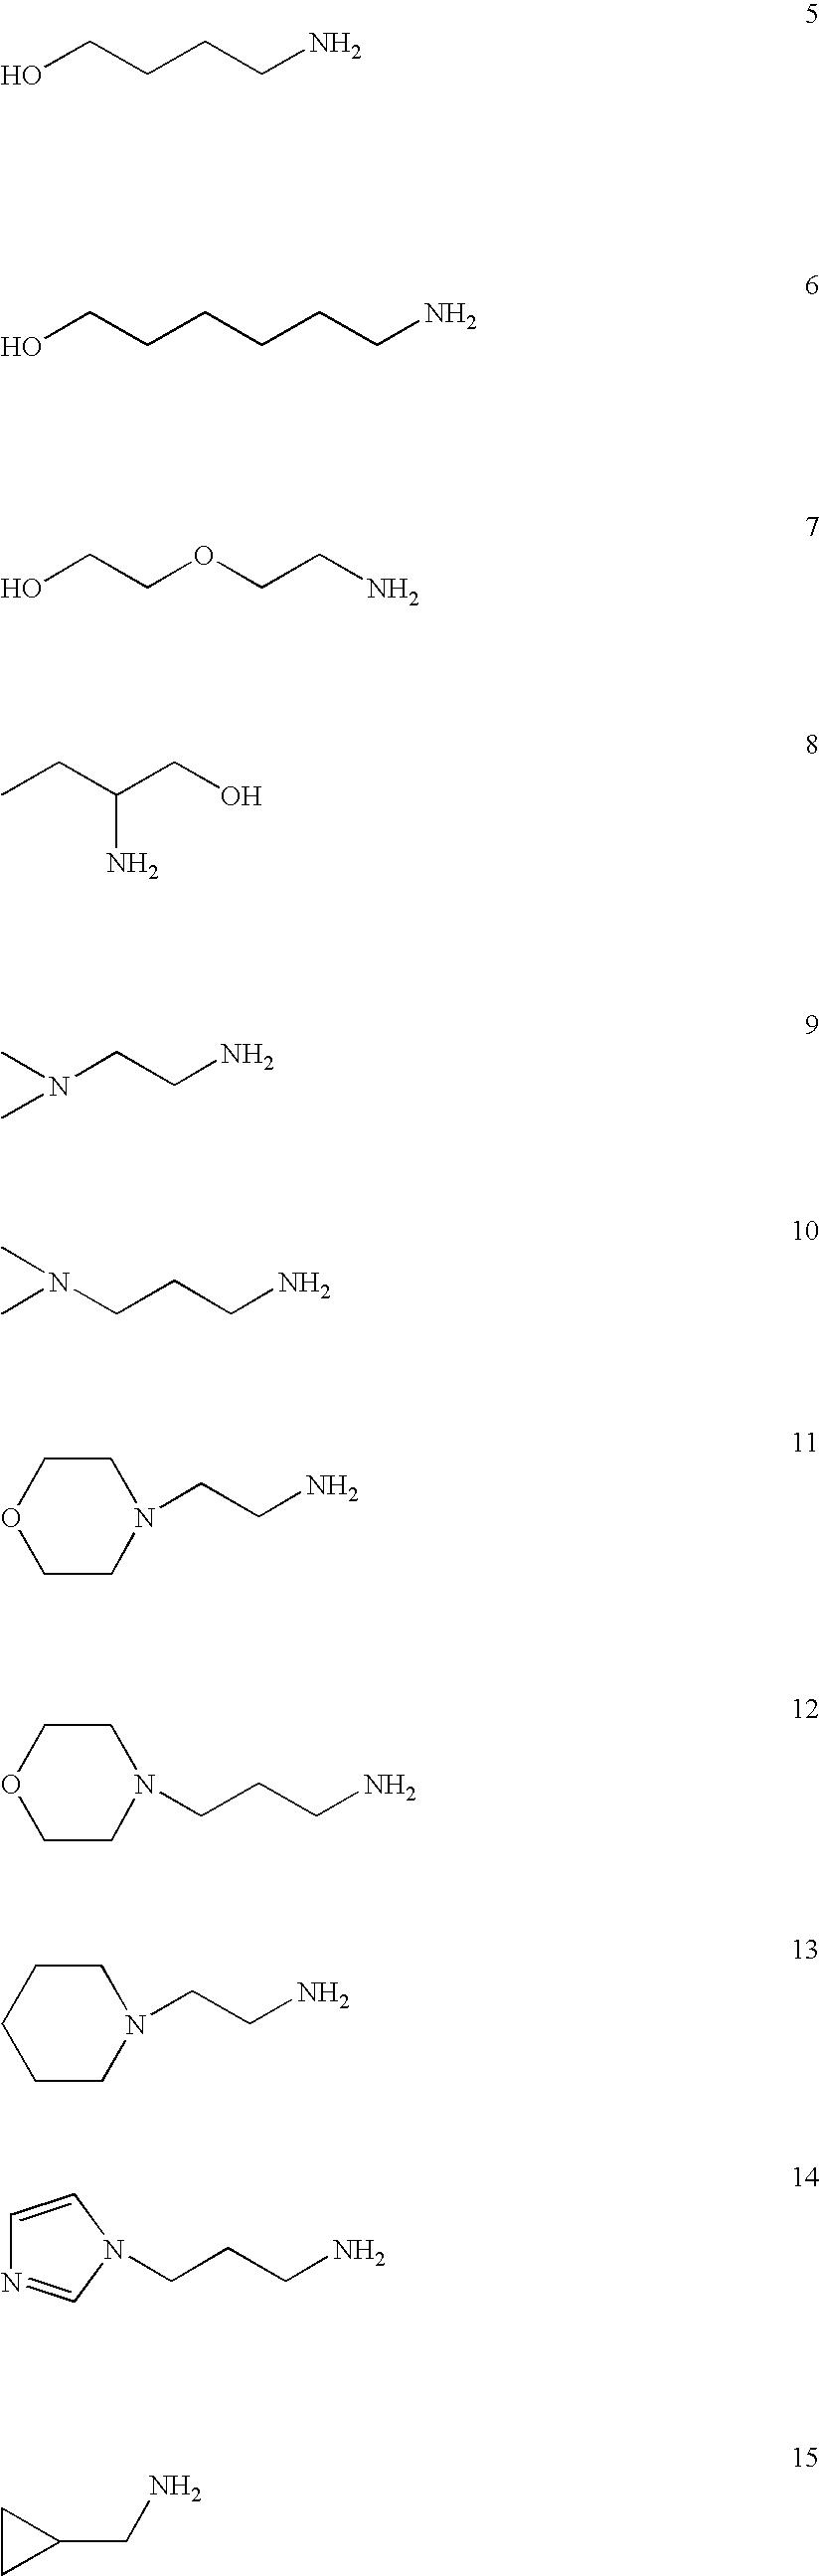 Figure US20050244504A1-20051103-C00033